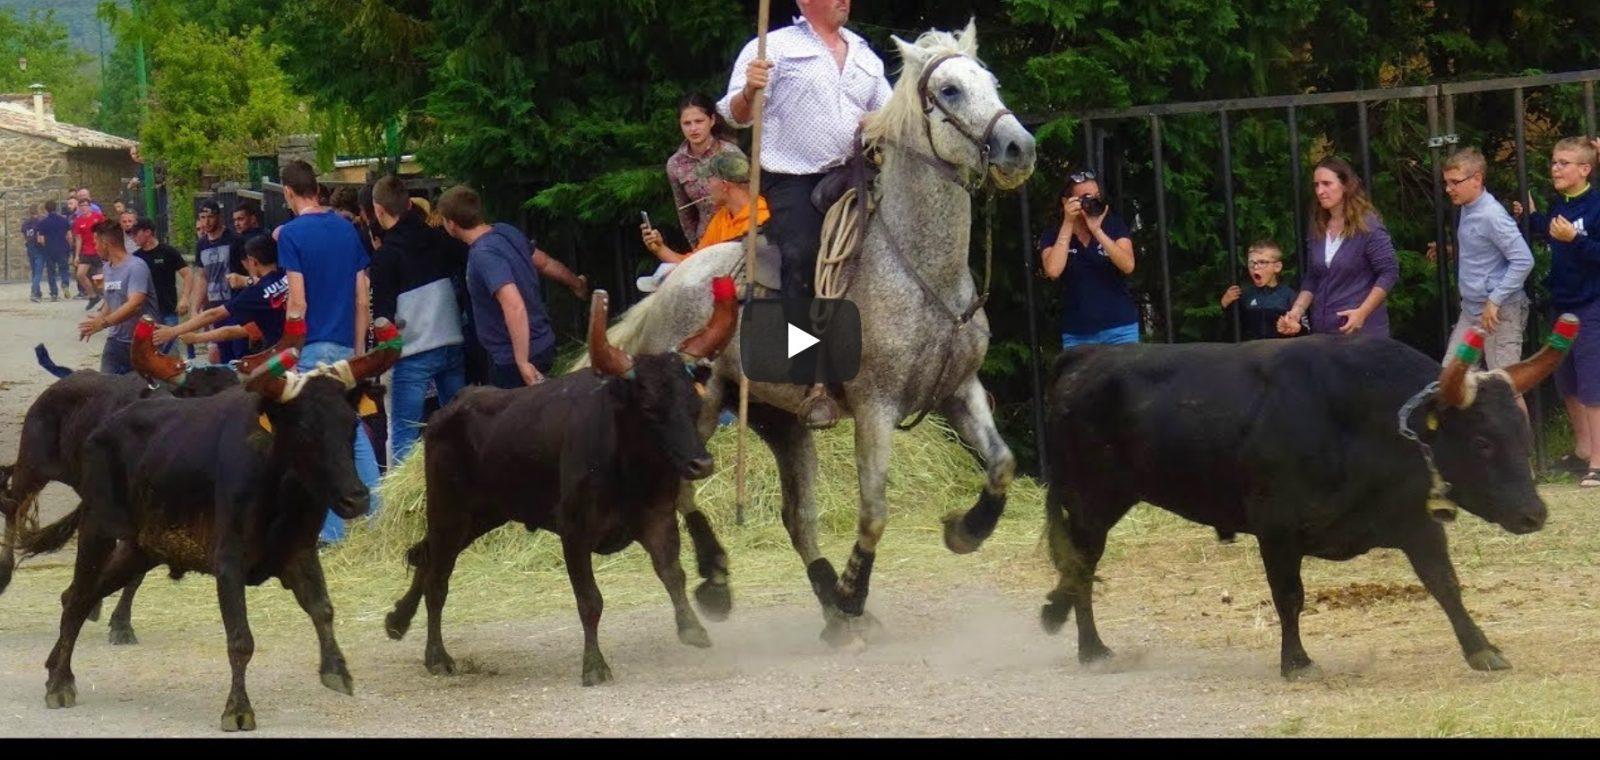 LES PLANS (09/06/2019) – Retour en vidéo sur la bandido 20 taureaux